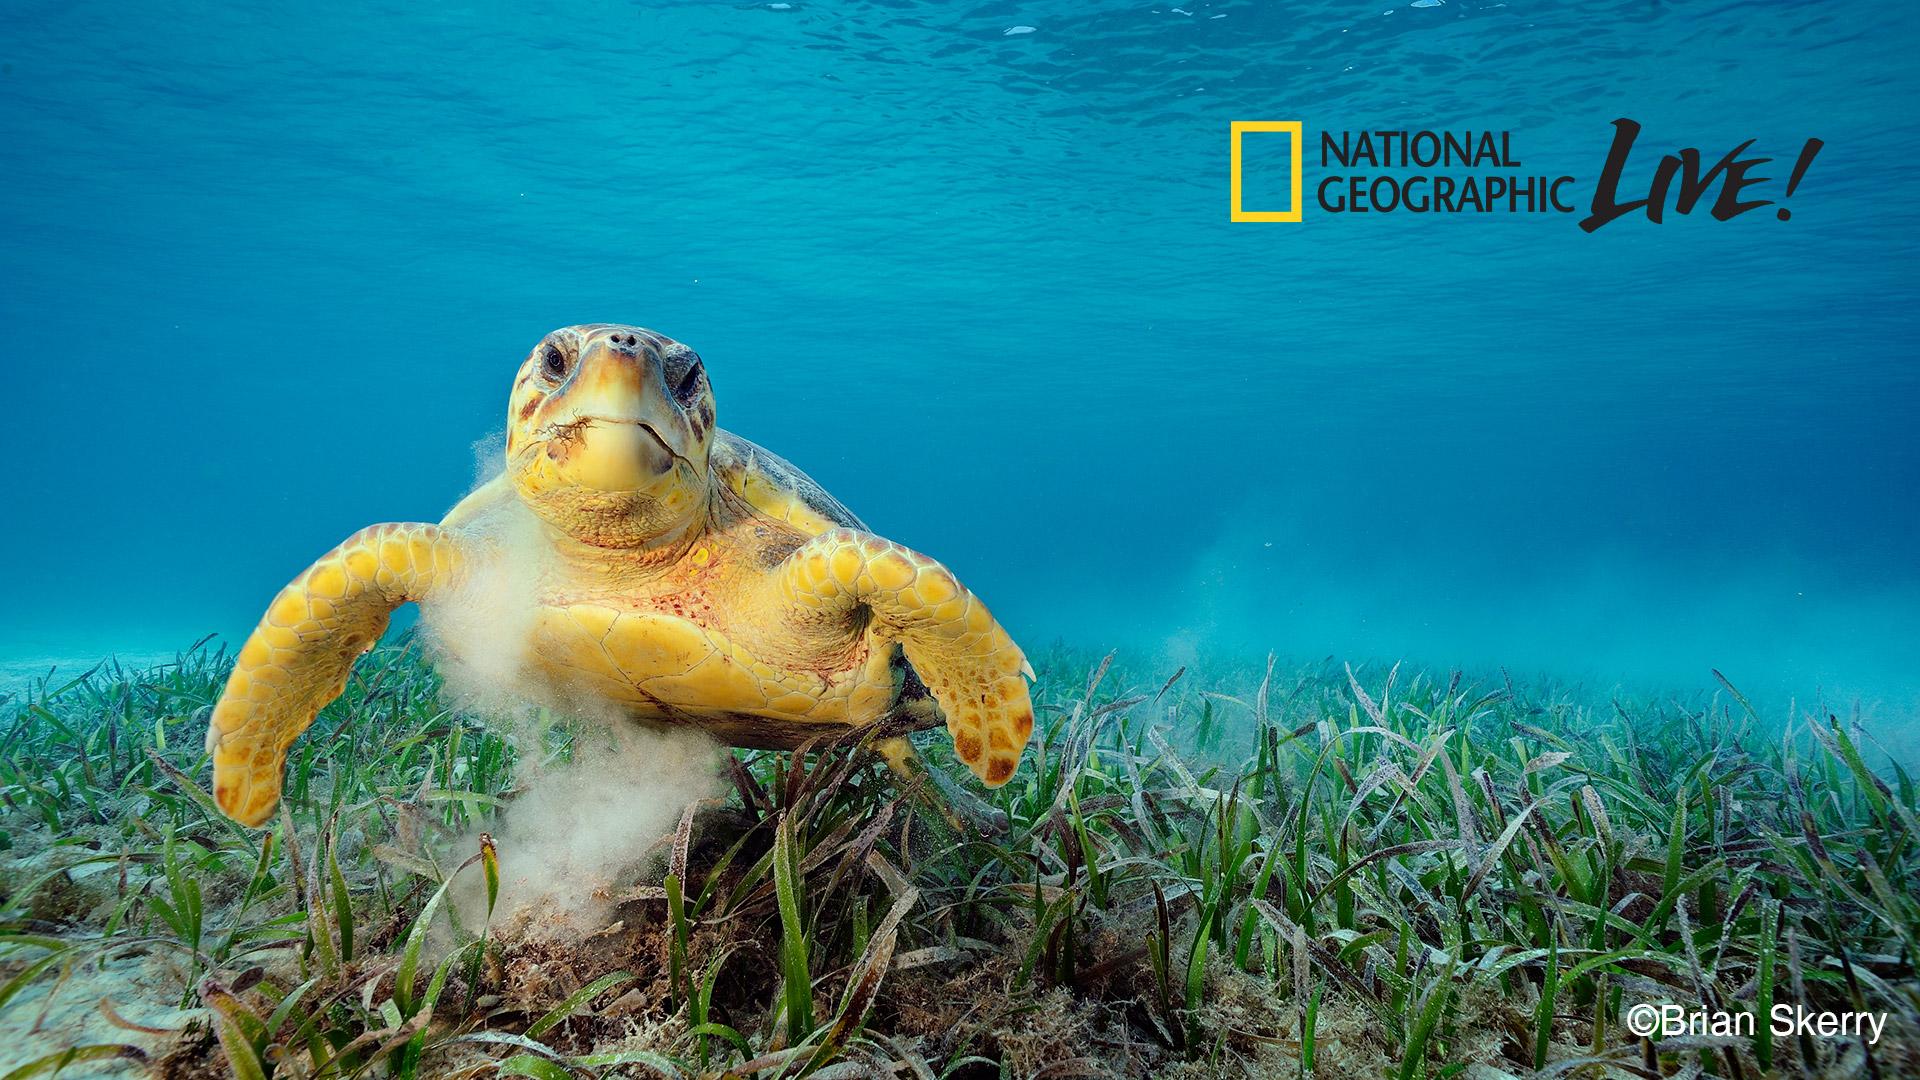 Chương trình National Geographic Live! nổi tiếng (cre: National Geographic)